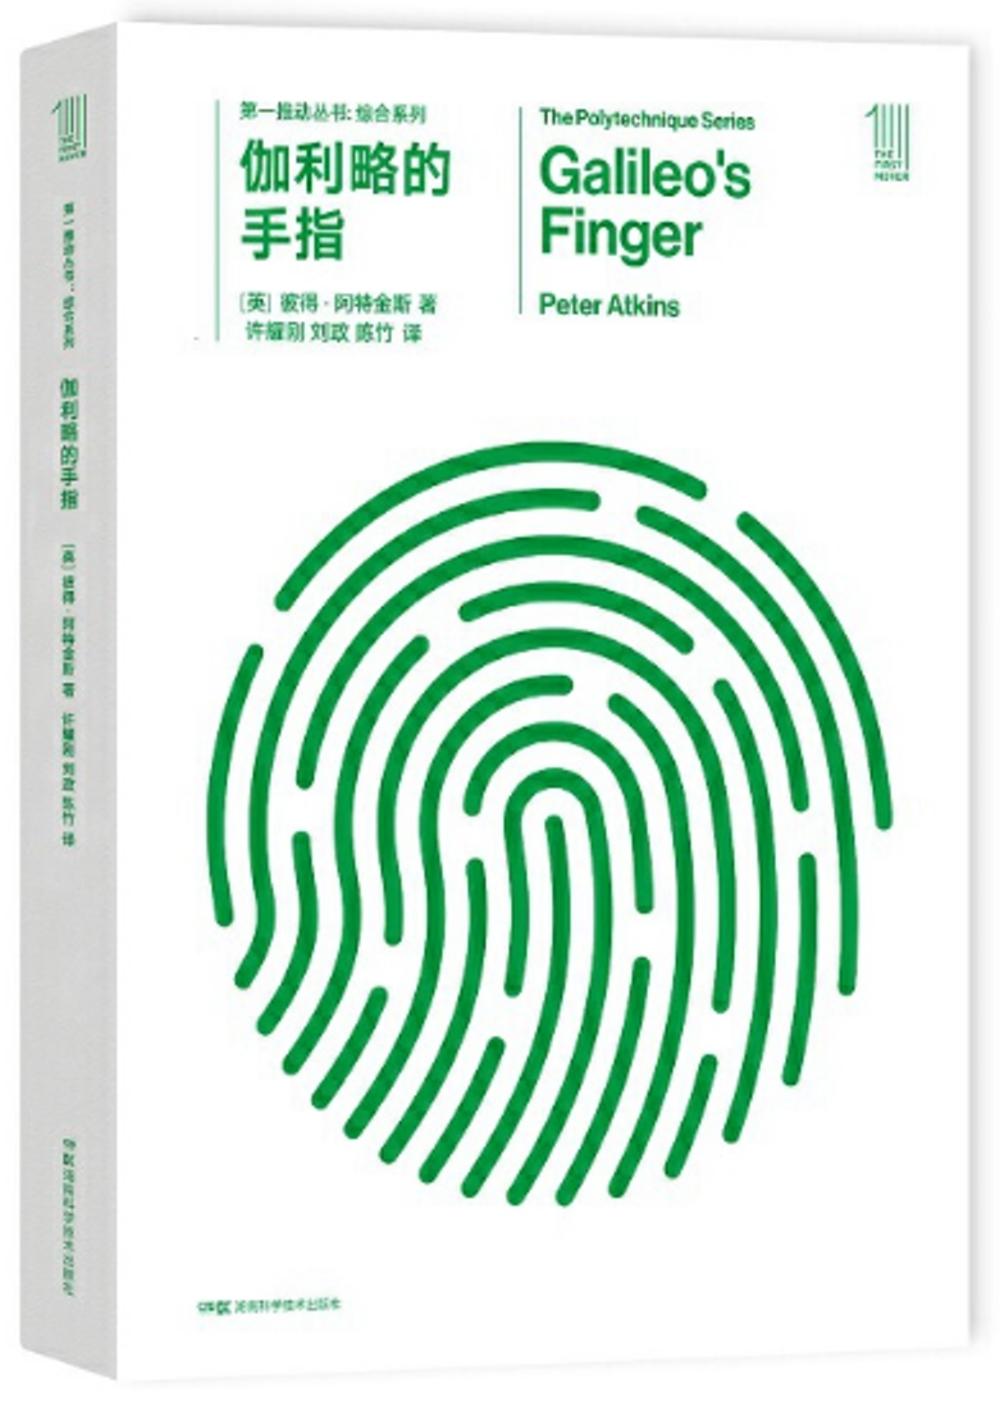 伽利略的手指